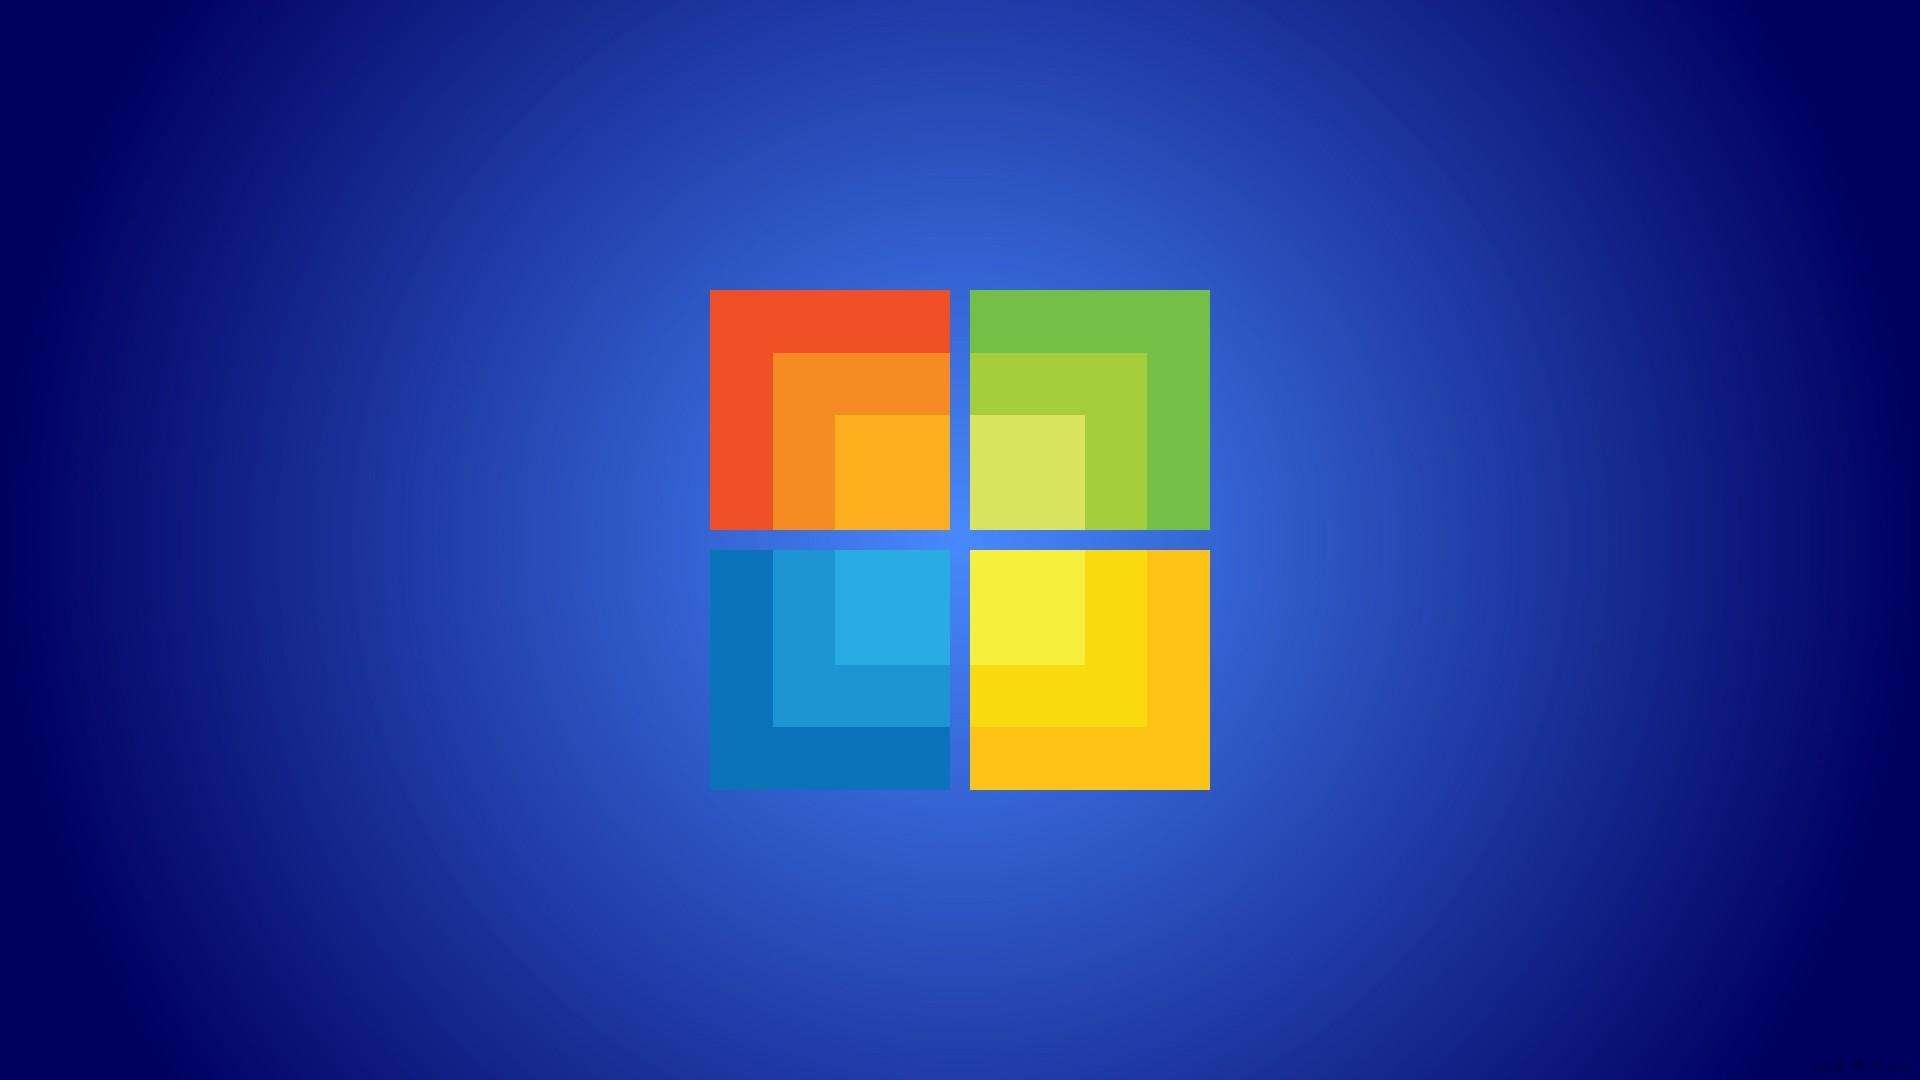 安装Win8/Win10提示无法在驱动器0分区上安装Windows的解决方法